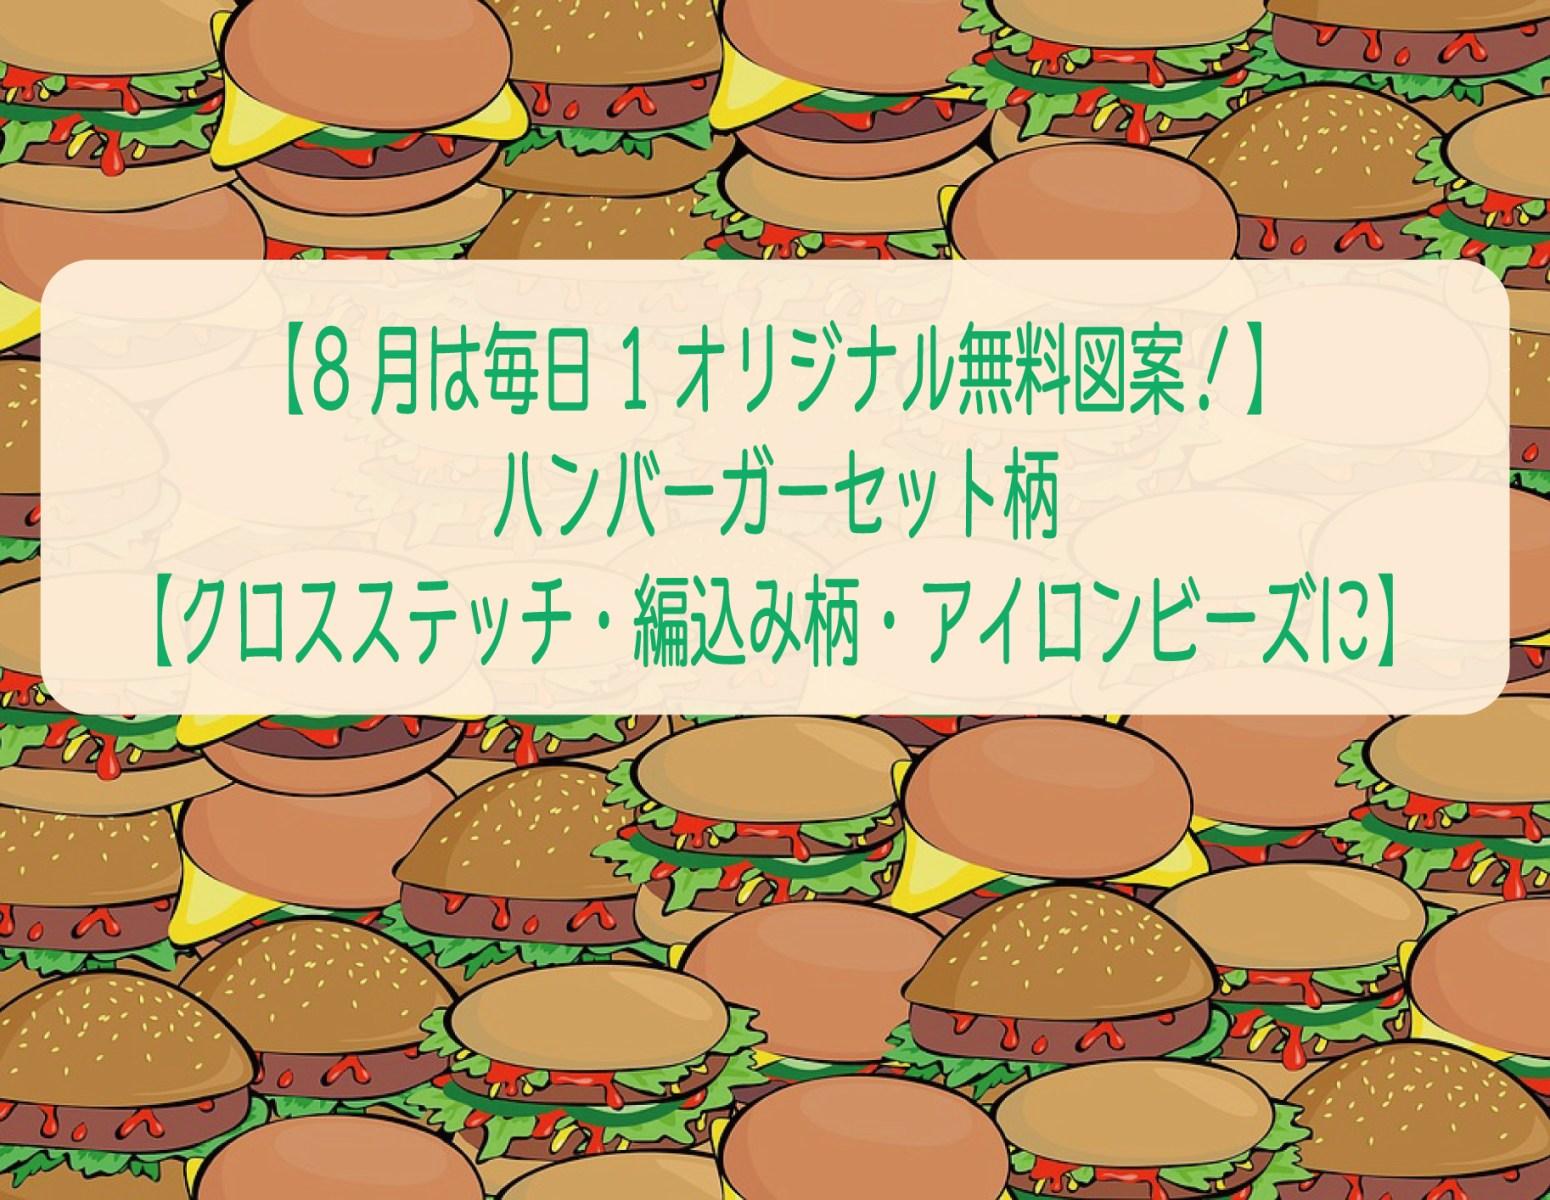 【8月は毎日1オリジナル無料図案!】ハンバーガーセット柄【クロスステッチ・編込み柄・アイロンビーズに】